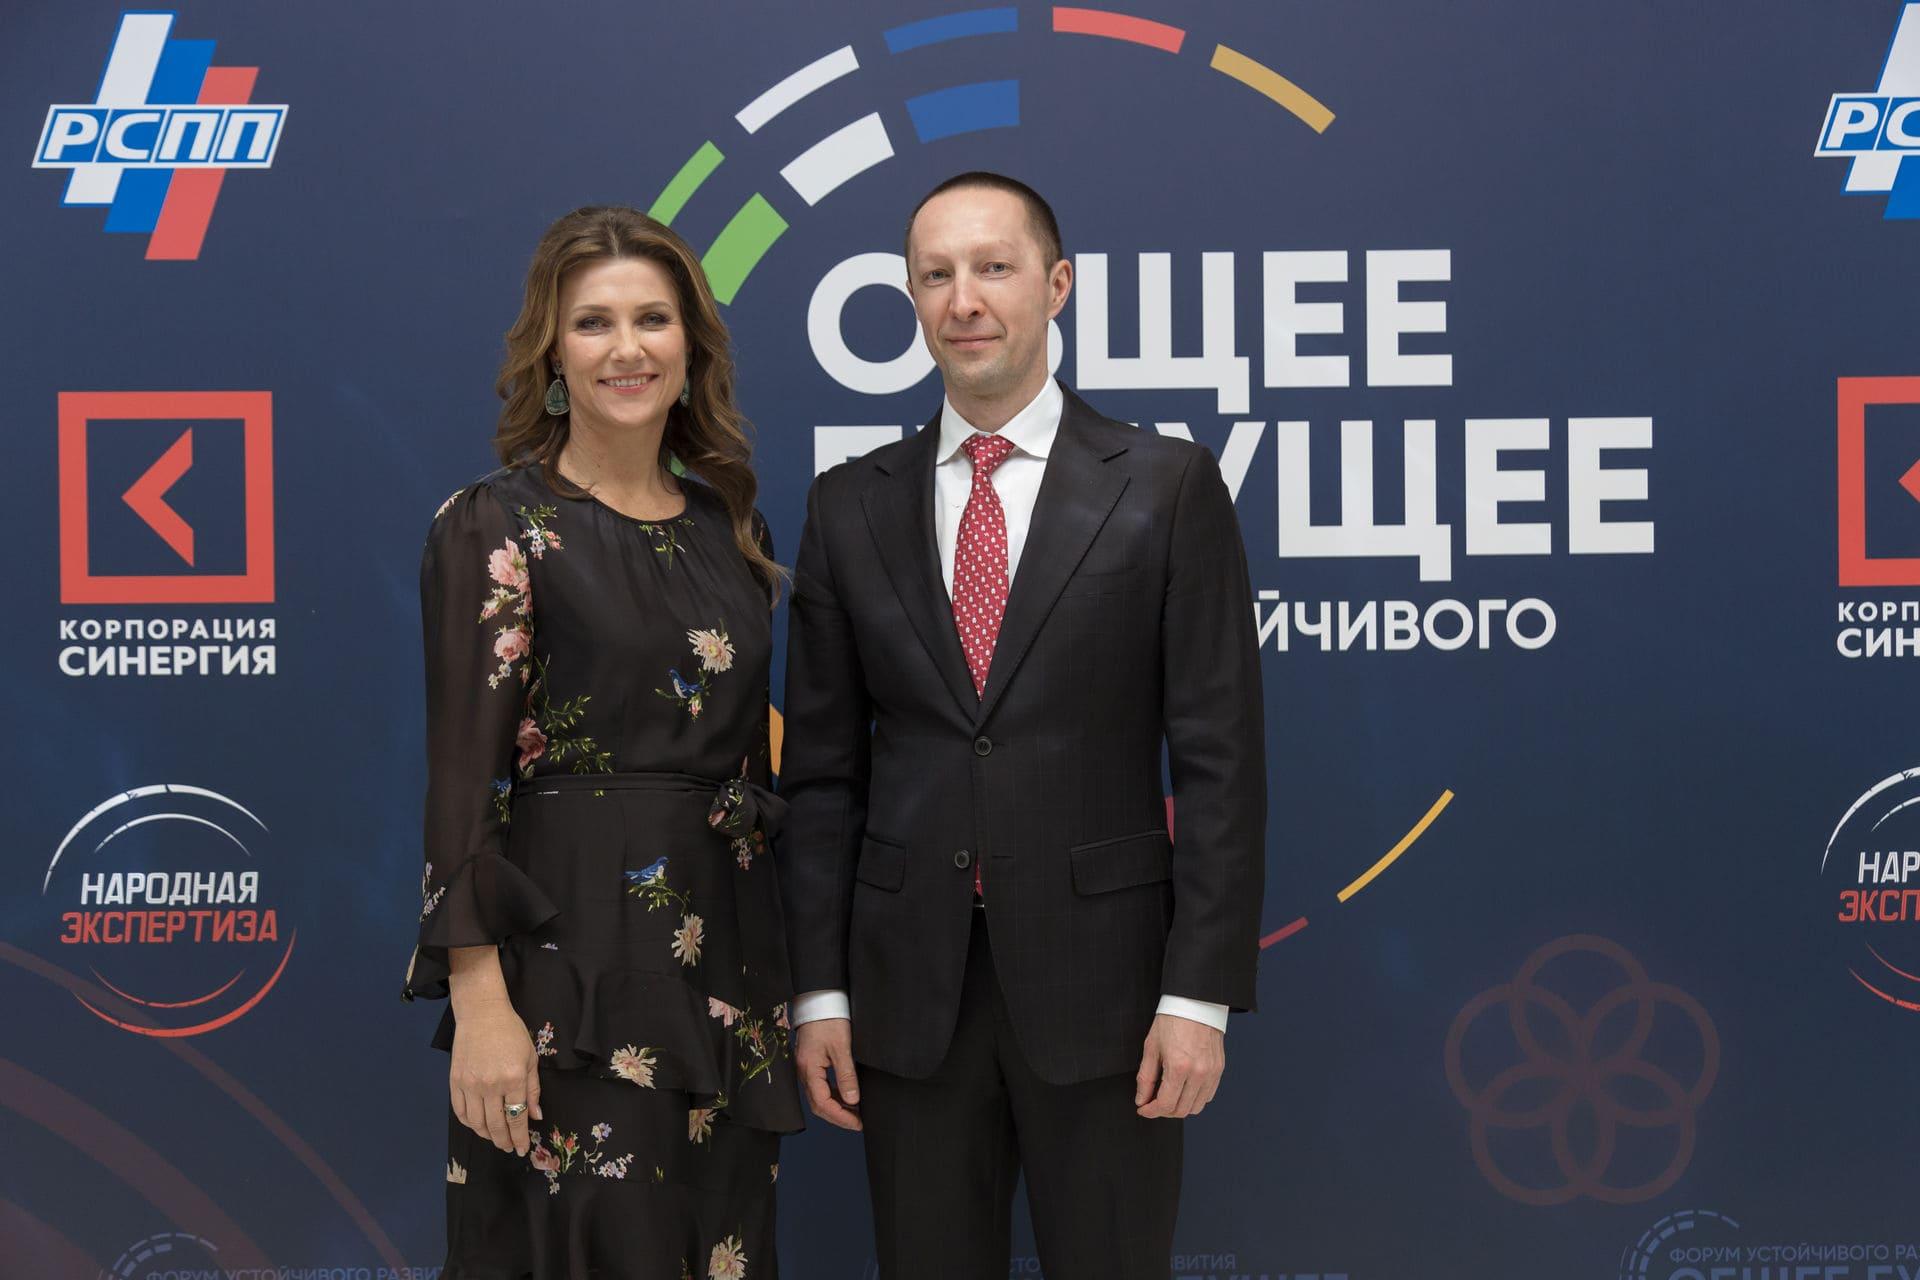 В Москве прошёл Форум устойчивого развития «Общее будущее»